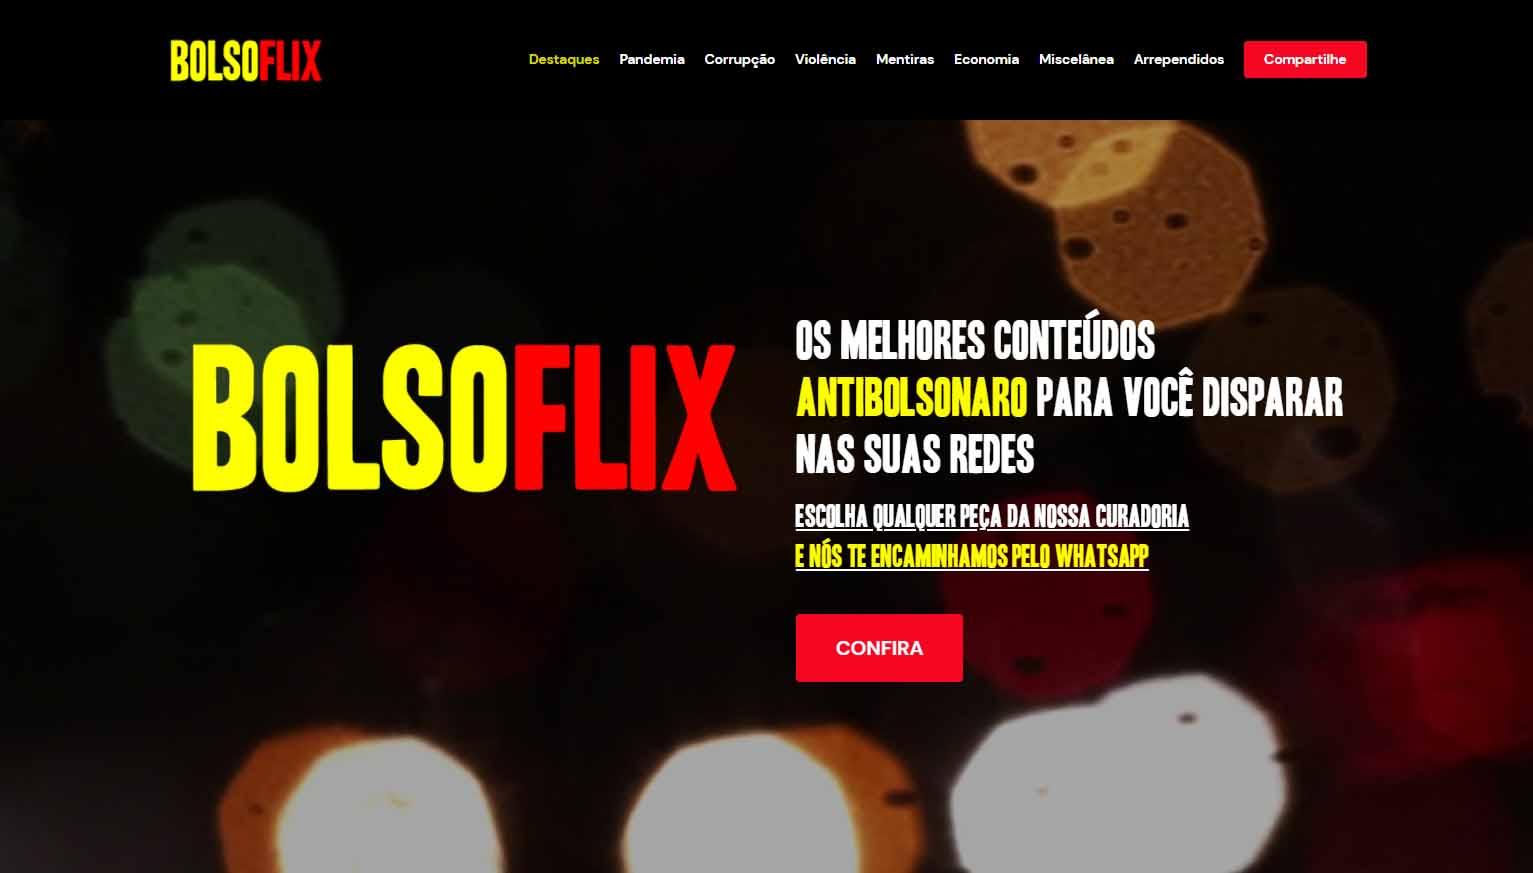 Grupo anônimo lança 'Bolsoflix', plataforma de vídeos contra Bolsonaro